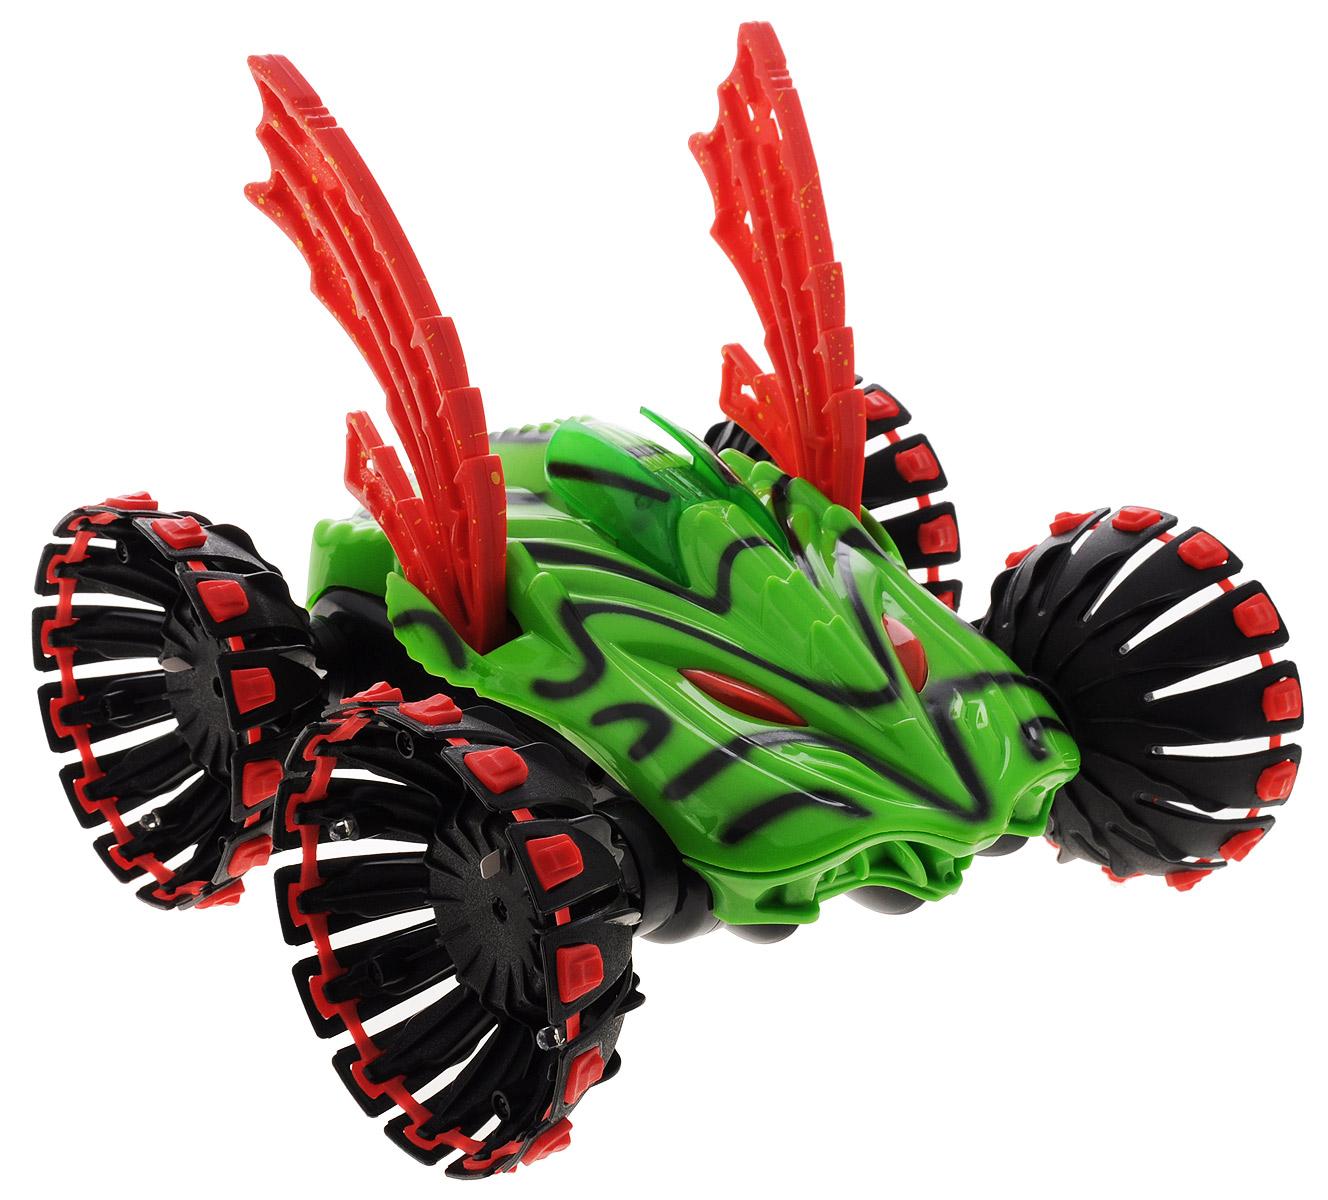 """Радиоуправляемая модель Balbi """"Машина-Автоакробат"""" станет отличным подарком любому мальчишке! Яркая зеленая окраска прочного корпуса с черными полосами, красные крылья, мощные колеса не оставят равнодушным юного гонщика. Машинка оснащена приводом на все колёса (4х4) и способна не только ездить, но и переворачиваться и даже ходить! Игрушка имеет 3 комплекта колёс для разных режимов игры, а с помощью трансформирующихся колёс машина будет шагать по поверхности. Автомобиль способен двигаться вперед-назад, и осуществлять разворот вправо-влево на месте, как танк. Во время движения машинки светятся элементы корпуса, также подсвечиваются колёса одного из комплектов. Пульт управления модели имеет радиус действия до 30 метров! Радиоуправляемая машина понравится всем любителям технически сложных игрушек! Машинка работает на аккумуляторе 9,6 V (входит в комплект). Зарядка аккумулятора осуществляется с помощью сетевого зарядного устройства (входит в комплект). ..."""